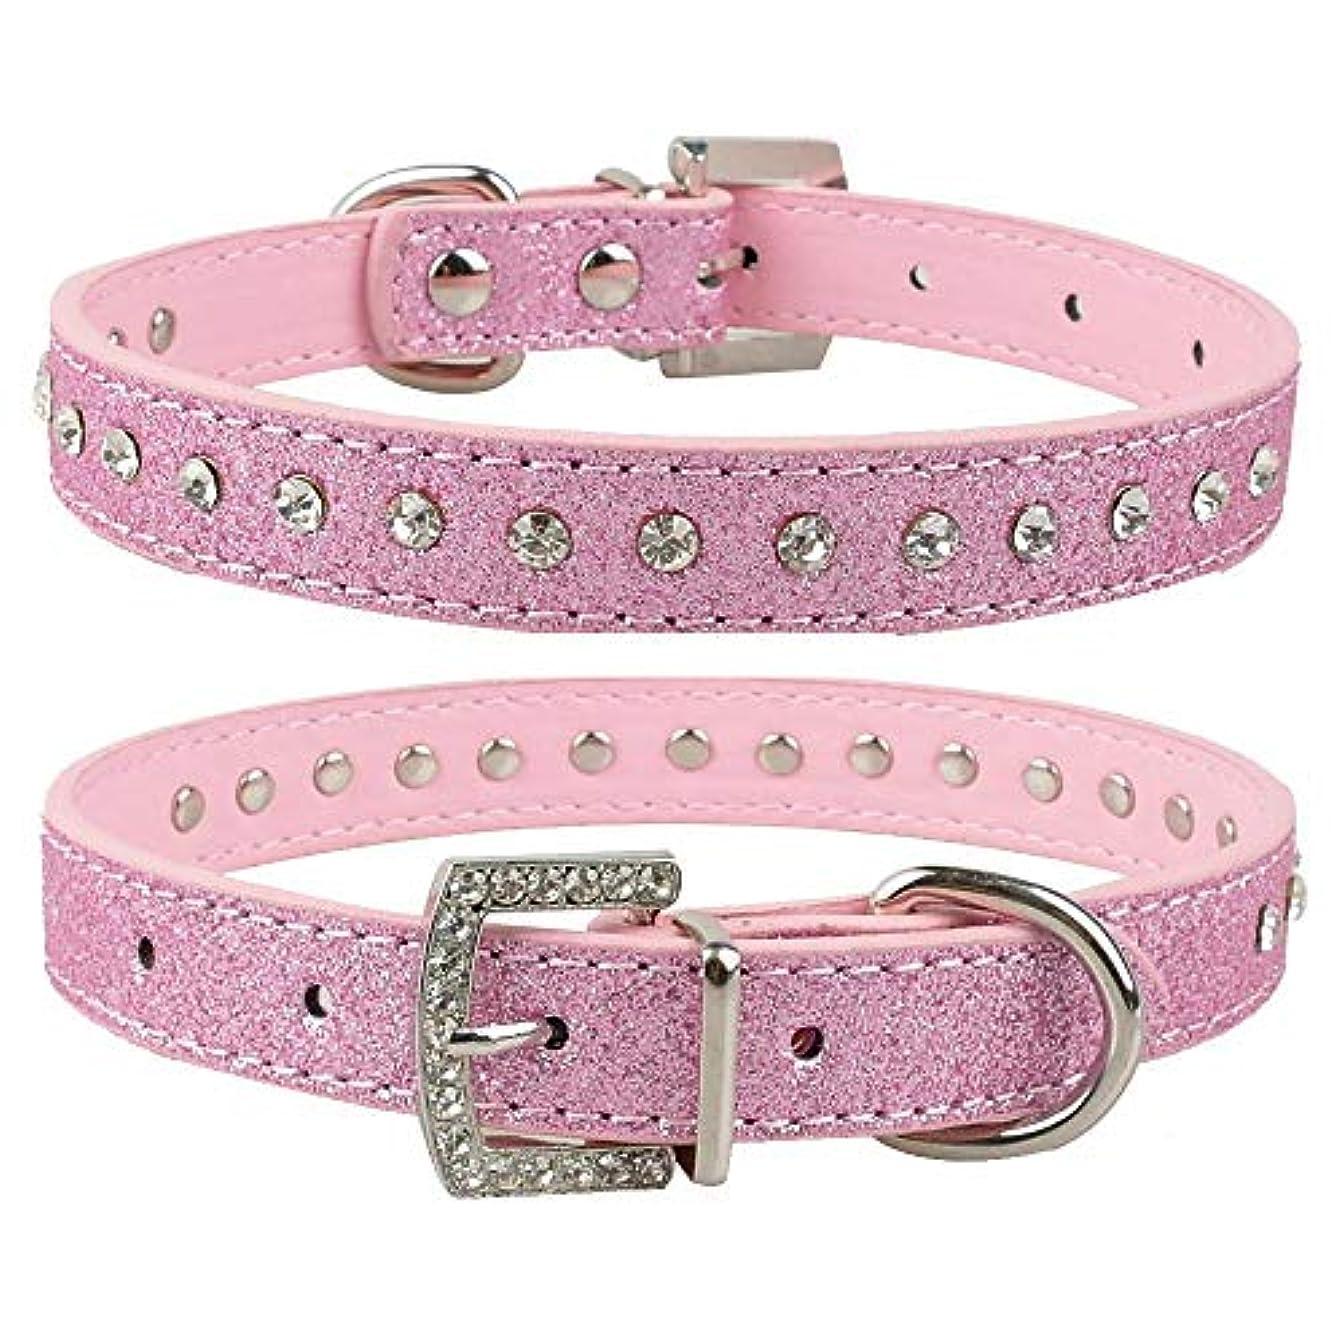 連結するモードリンアンビエントXUTXCKA ピンク色のラインストーン犬の首輪ペット猫の子猫の首輪Puの革